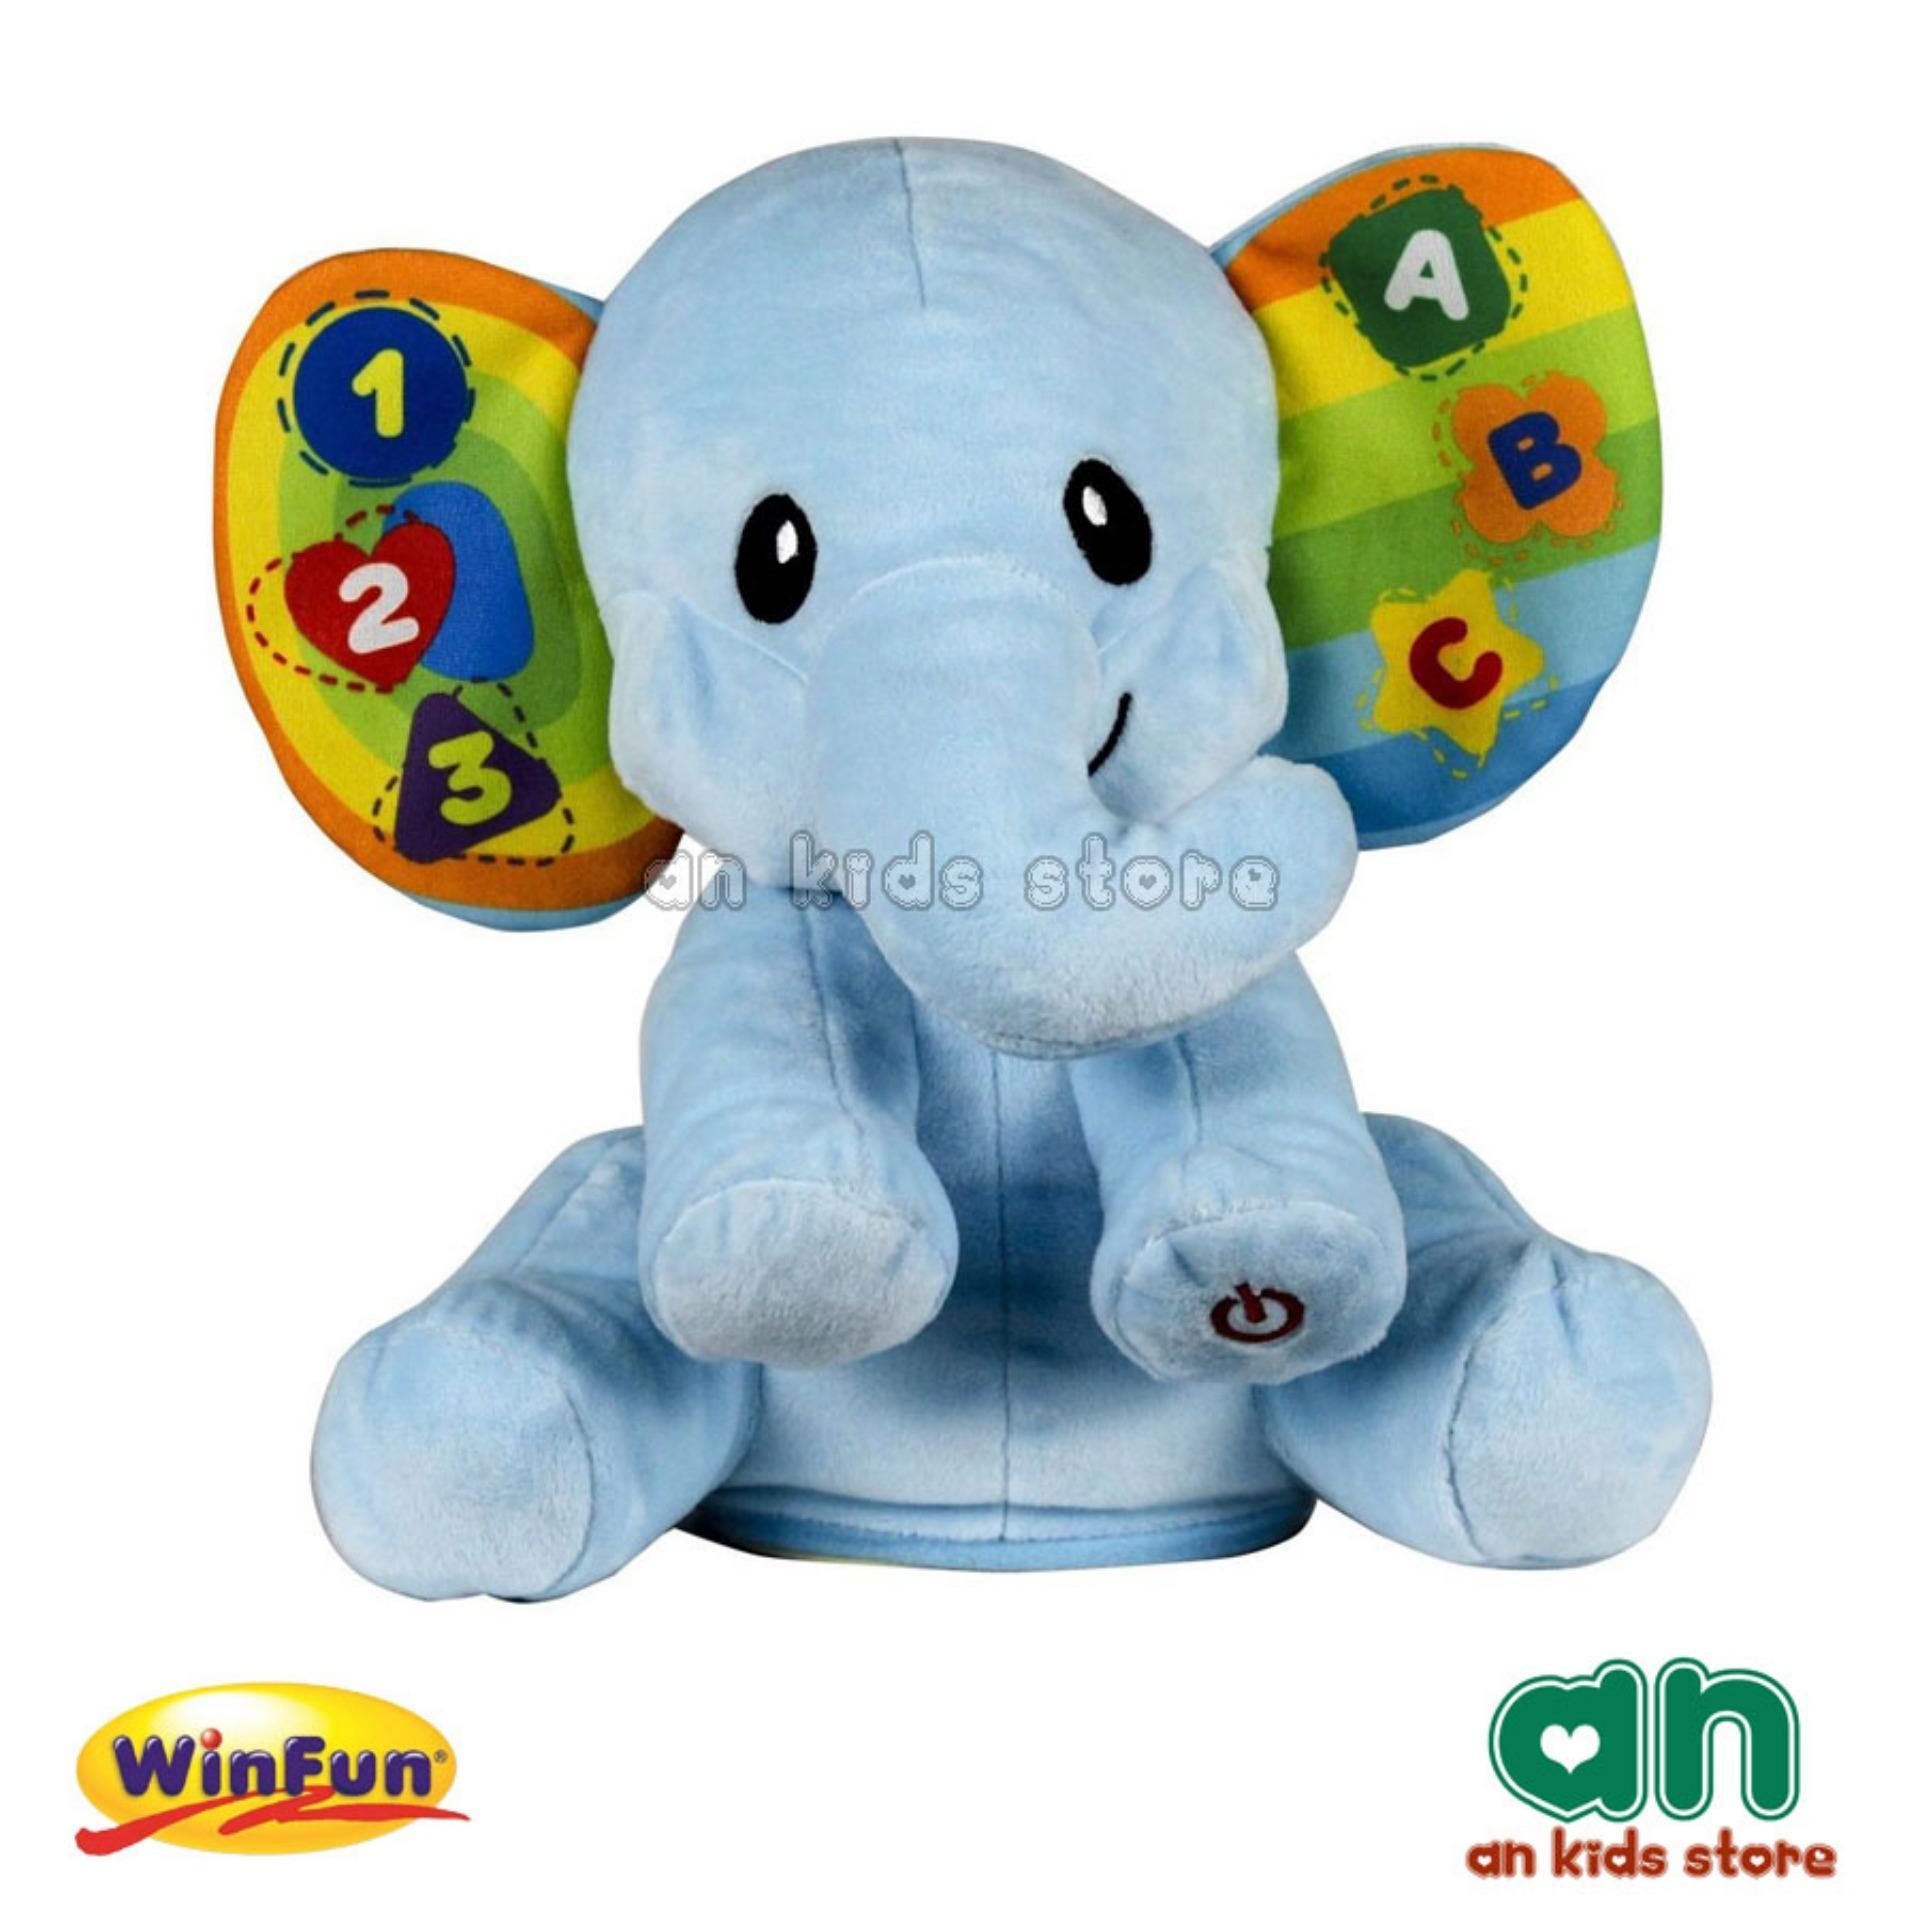 Hình ảnh Chú voi dễ thương lắc lư vui nhộn biết hát Winfun 0659-01